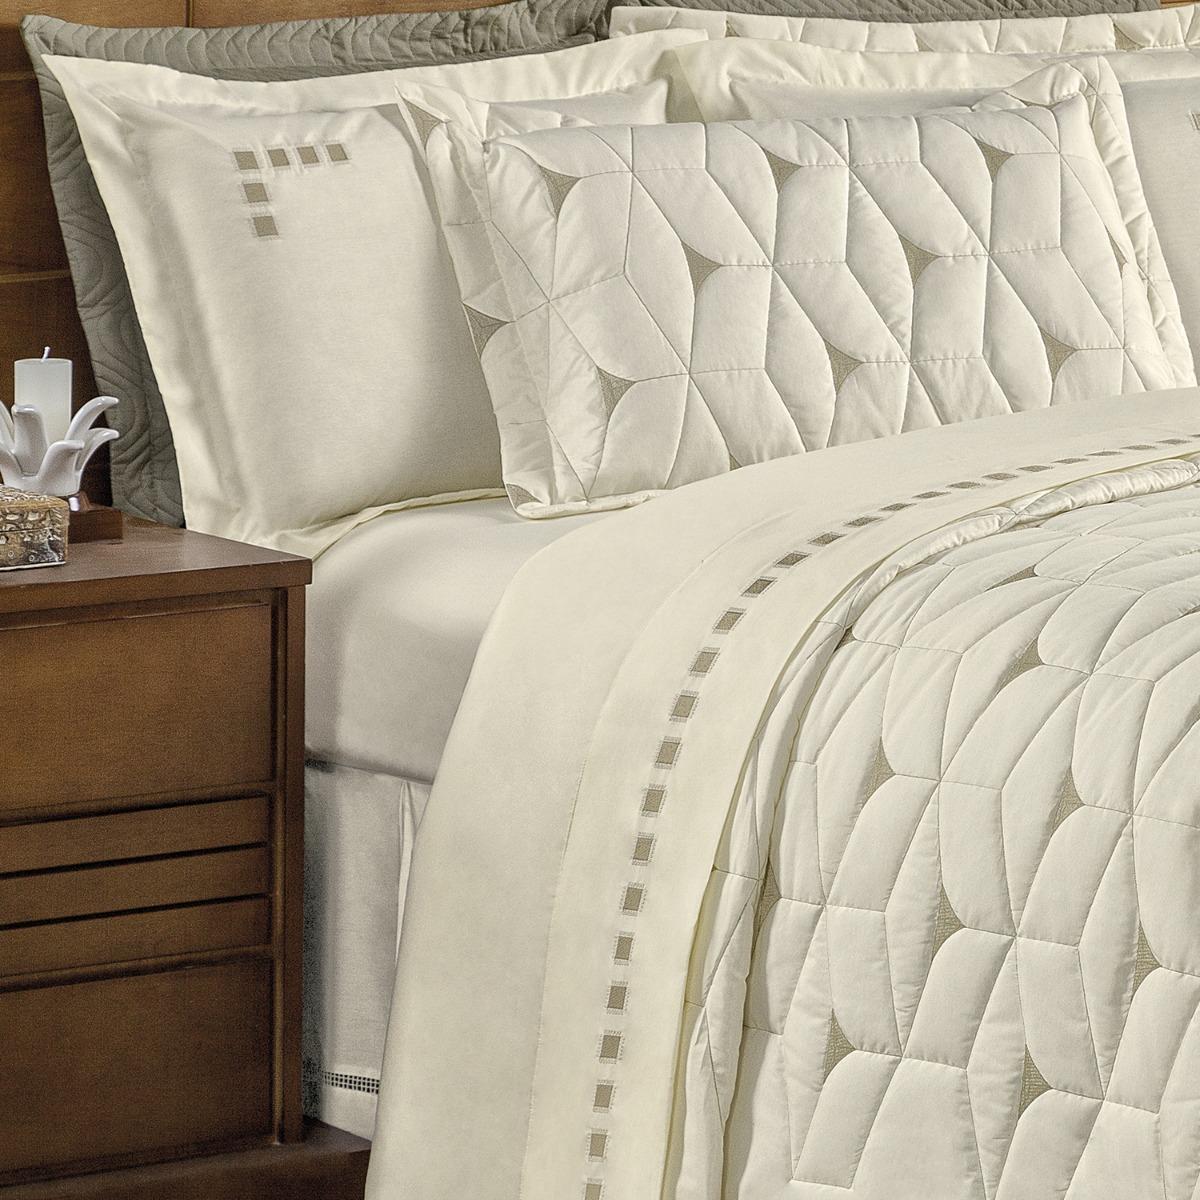 4003eae504 kit cobre leito cama casal padrão + jogo de cama 7 peças. Carregando  zoom... cobre leito cama cama. Carregando zoom.